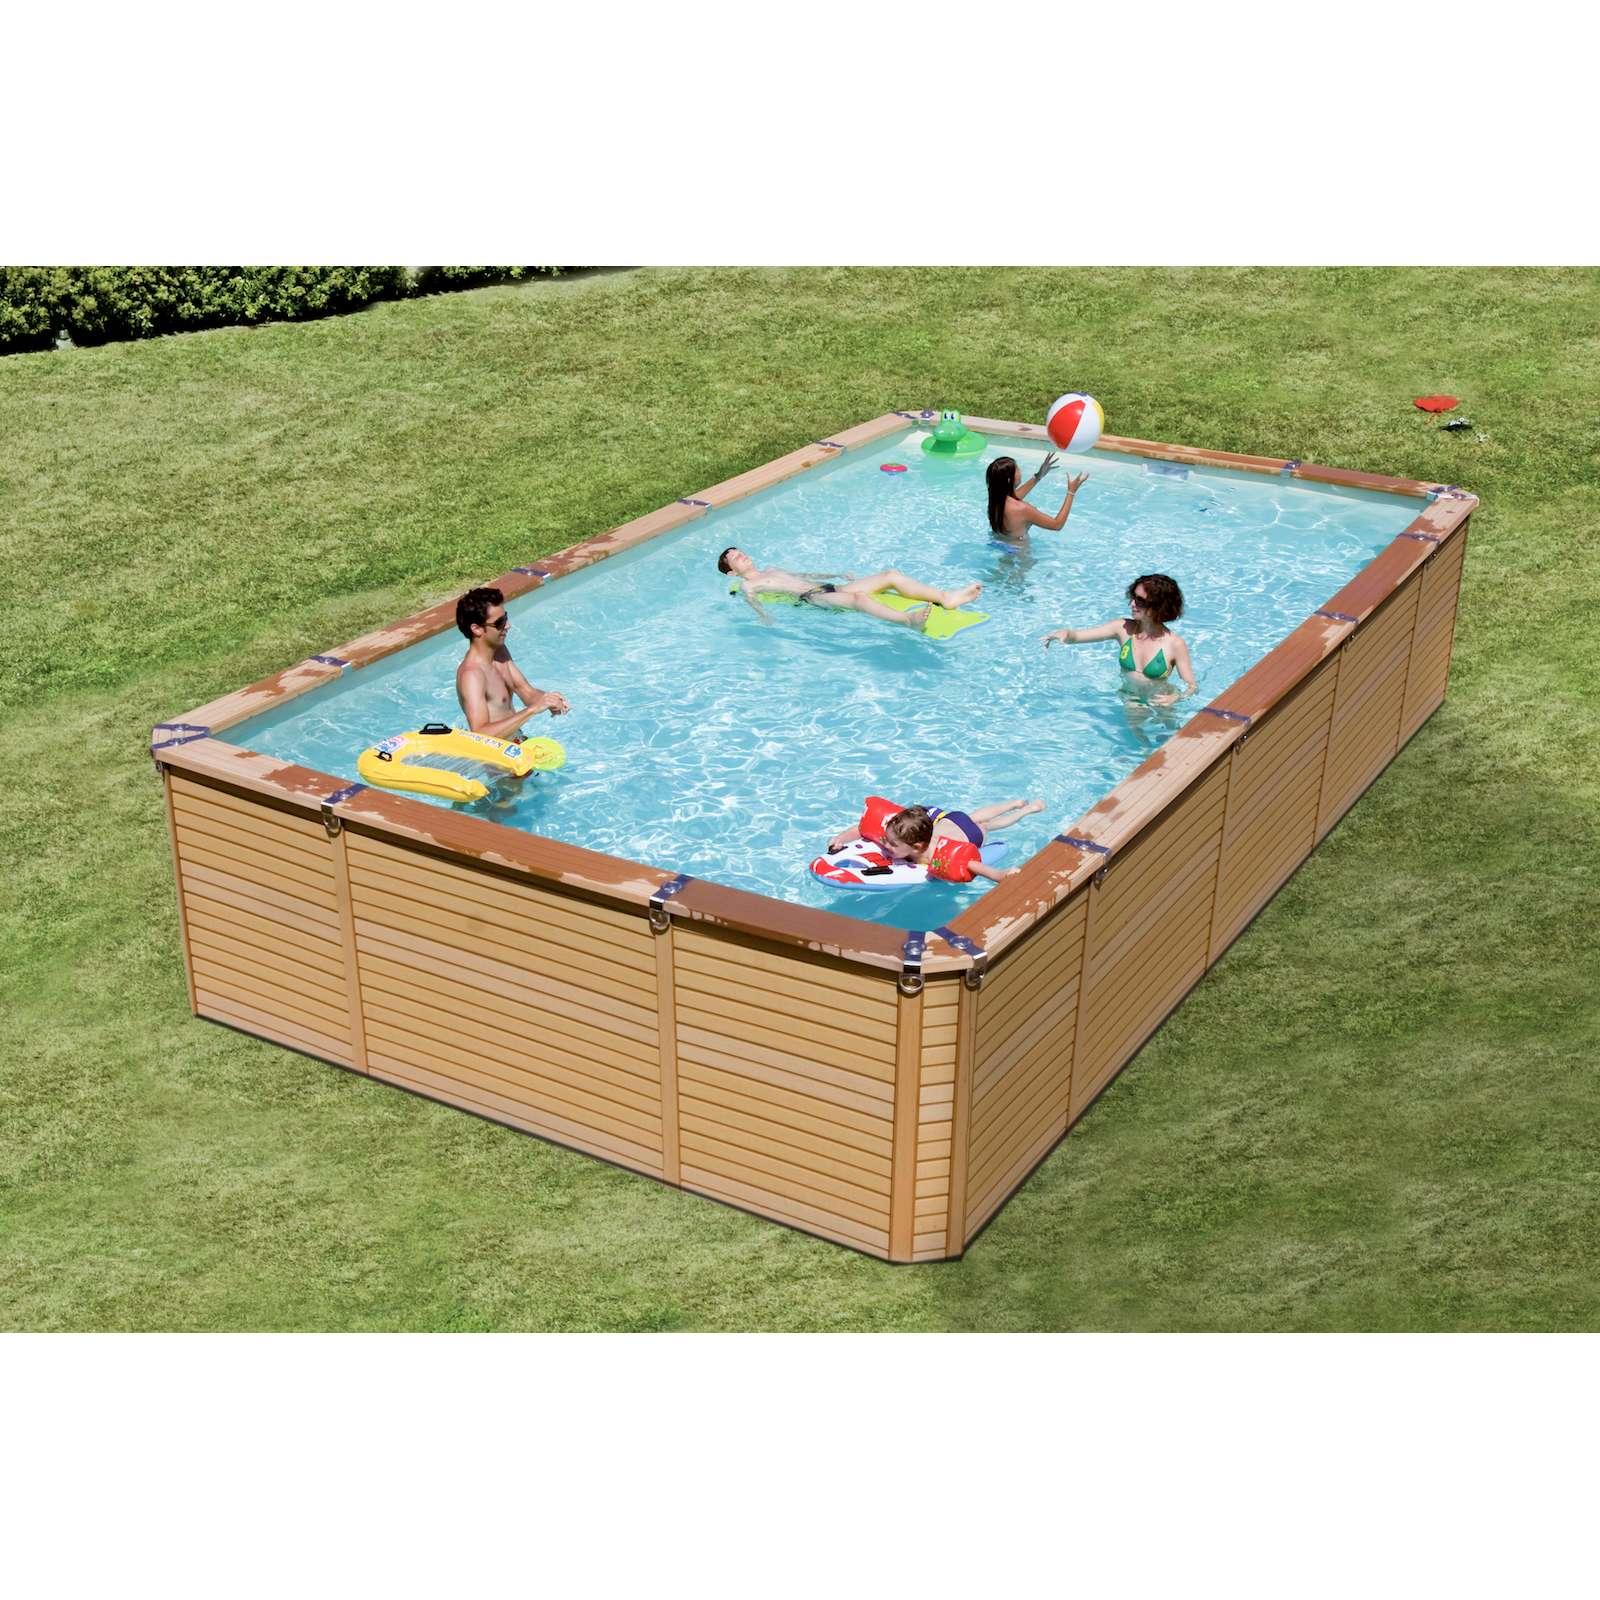 Schwimmbecken azteck pool rechteckbecken aufstellbecken for Aufstellbecken stahlwand